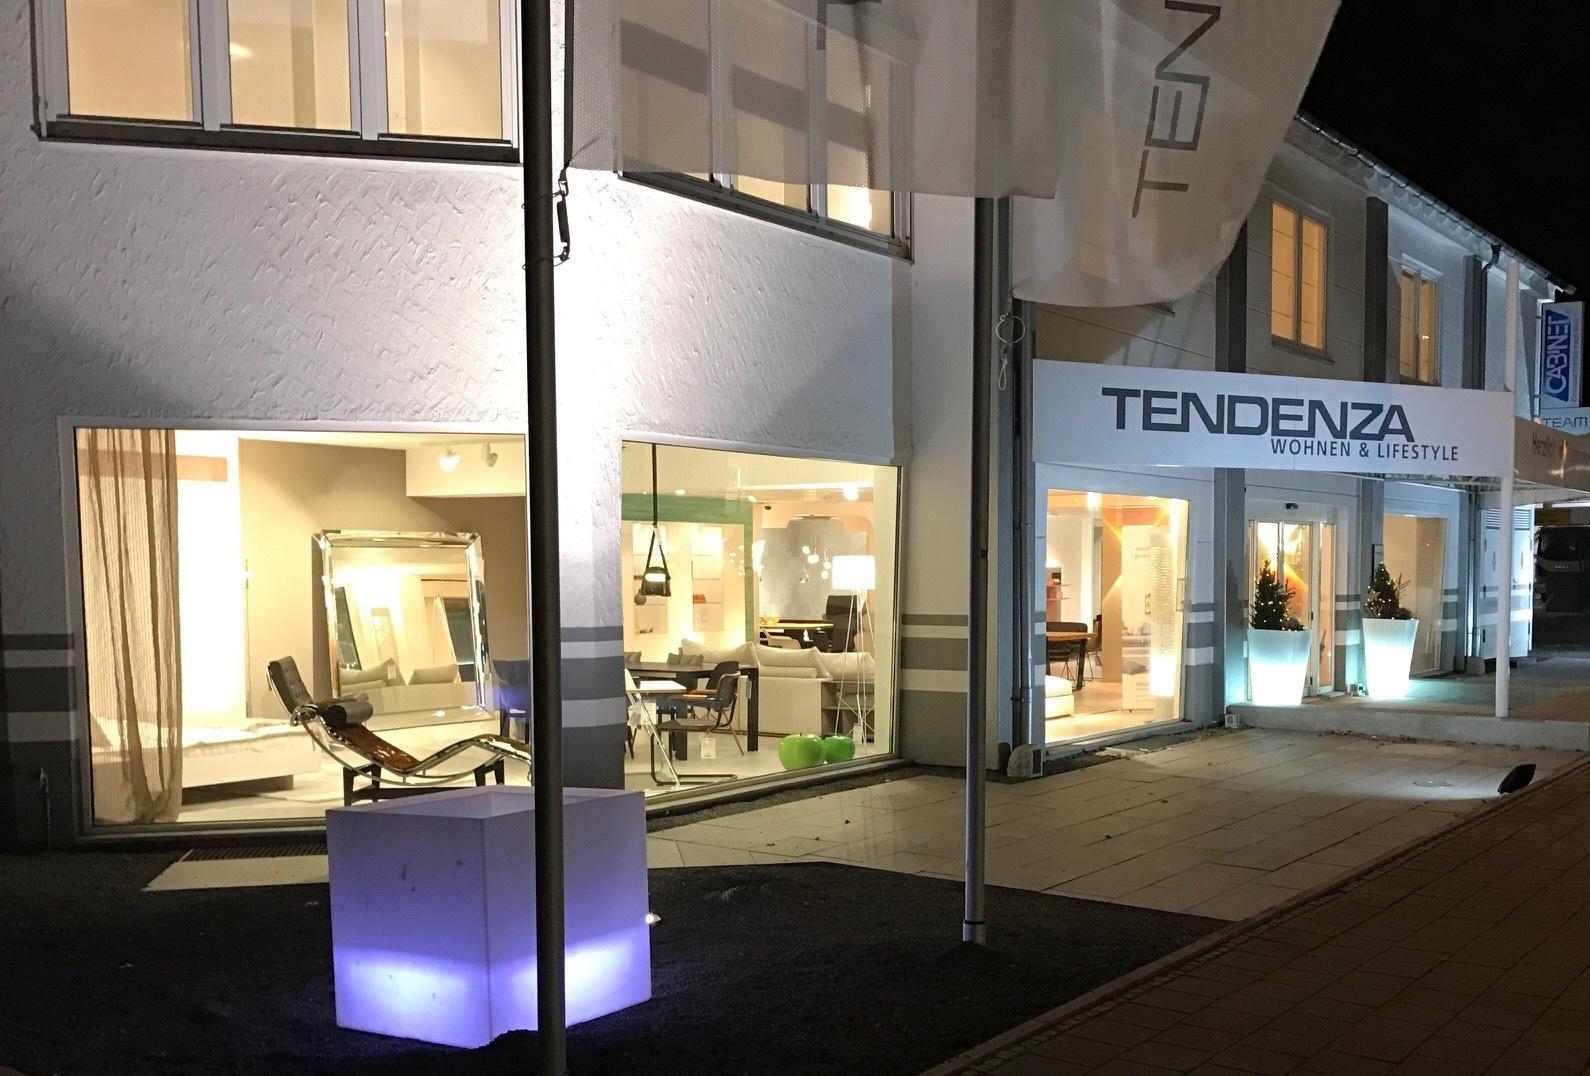 Tendenza Wohnen Lifestyle Gmbh In Fürth Tendenza